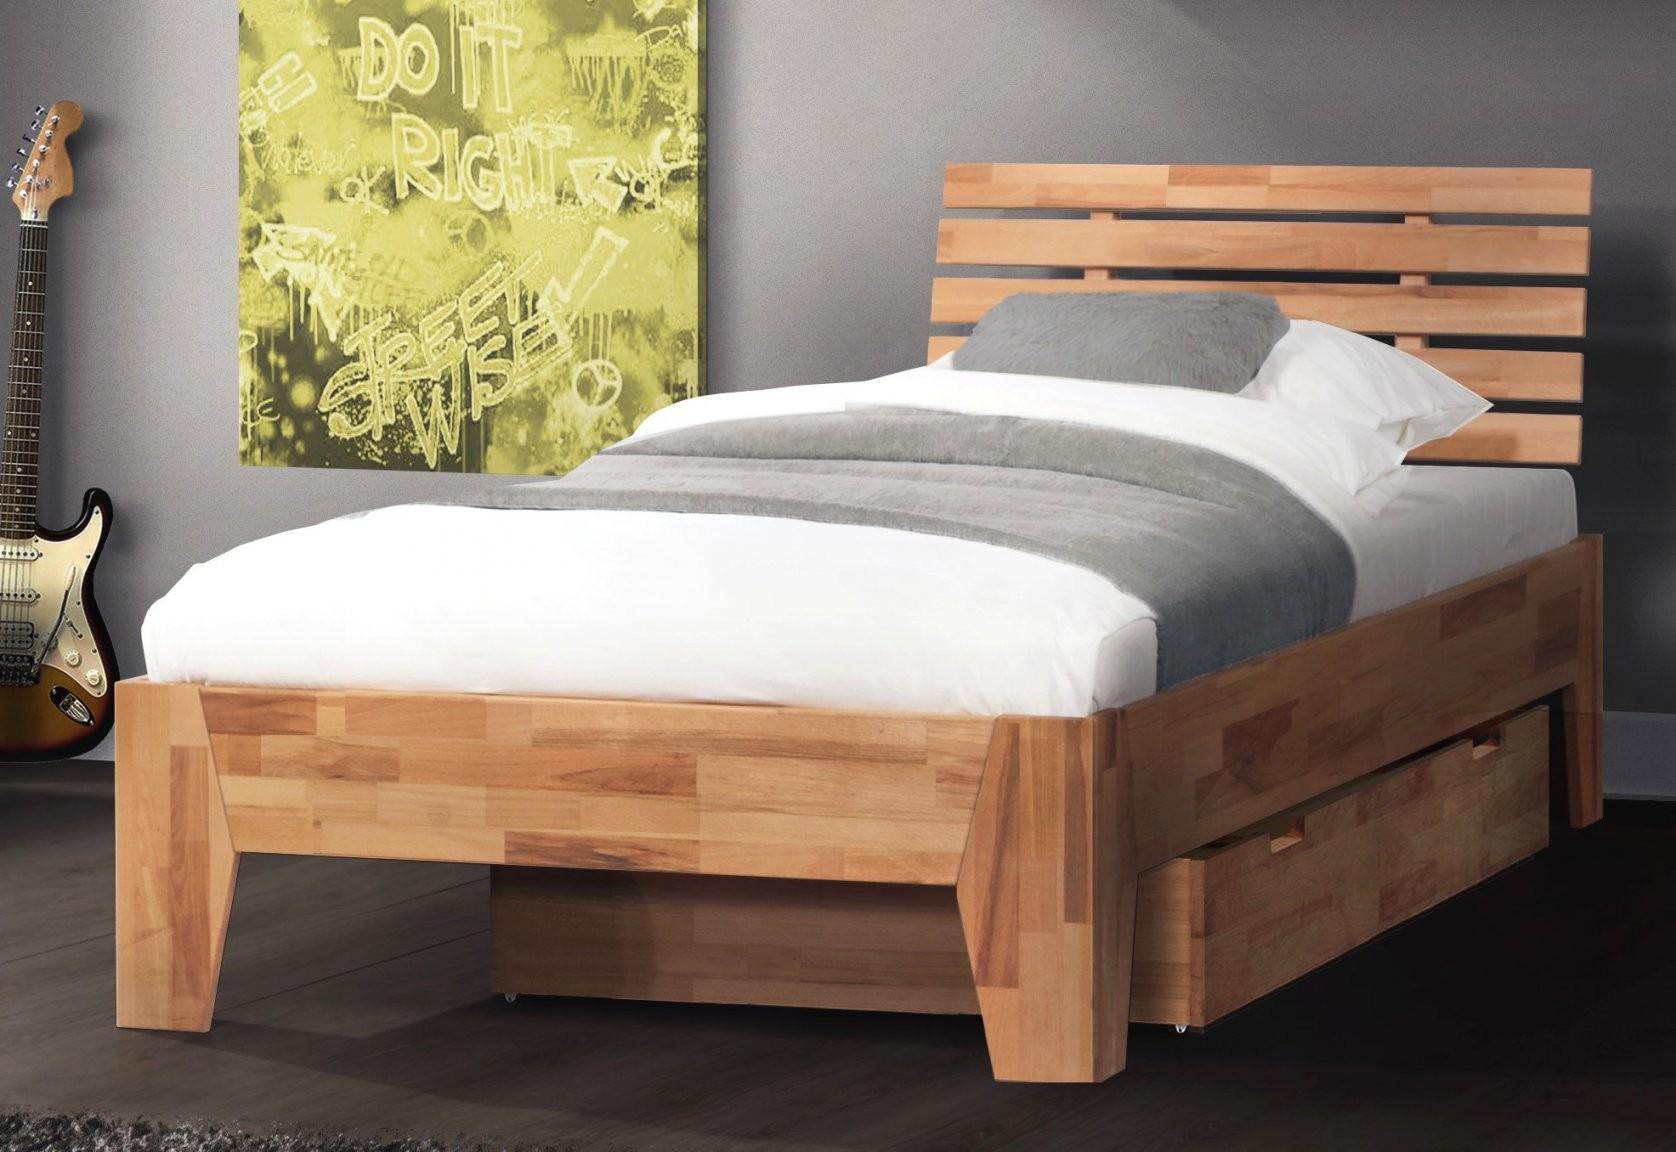 Betten Mit Matratze Und Lattenrost 140X200 Schockierend Auf Kreative von Günstige Betten 140X200 Mit Lattenrost Und Matratze Bild